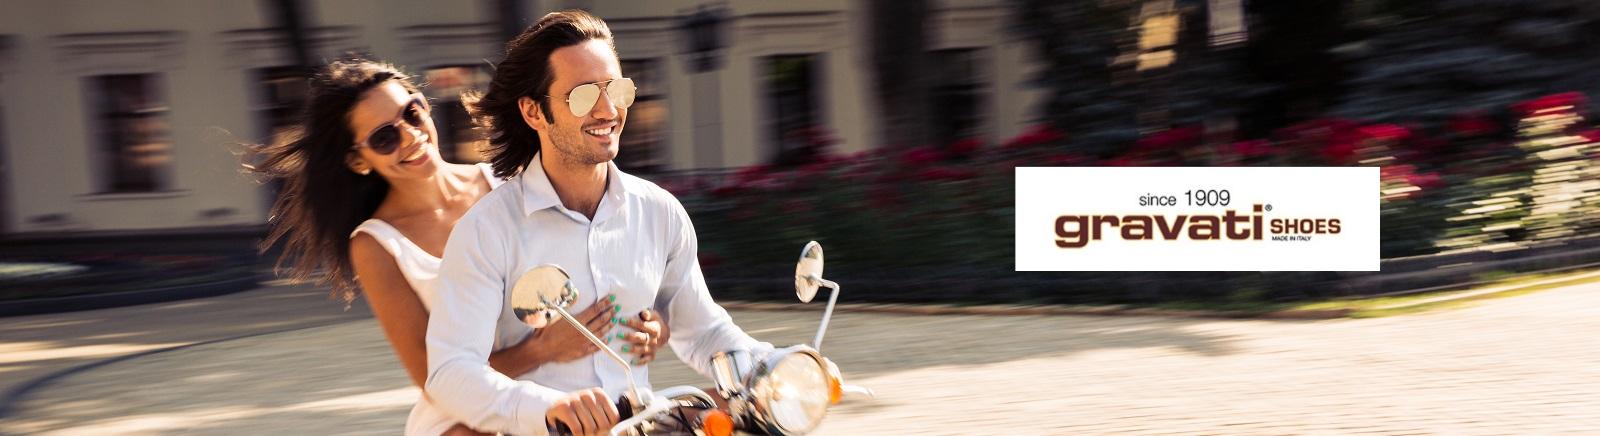 Gisy: Gravati Herrenschuhe online shoppen